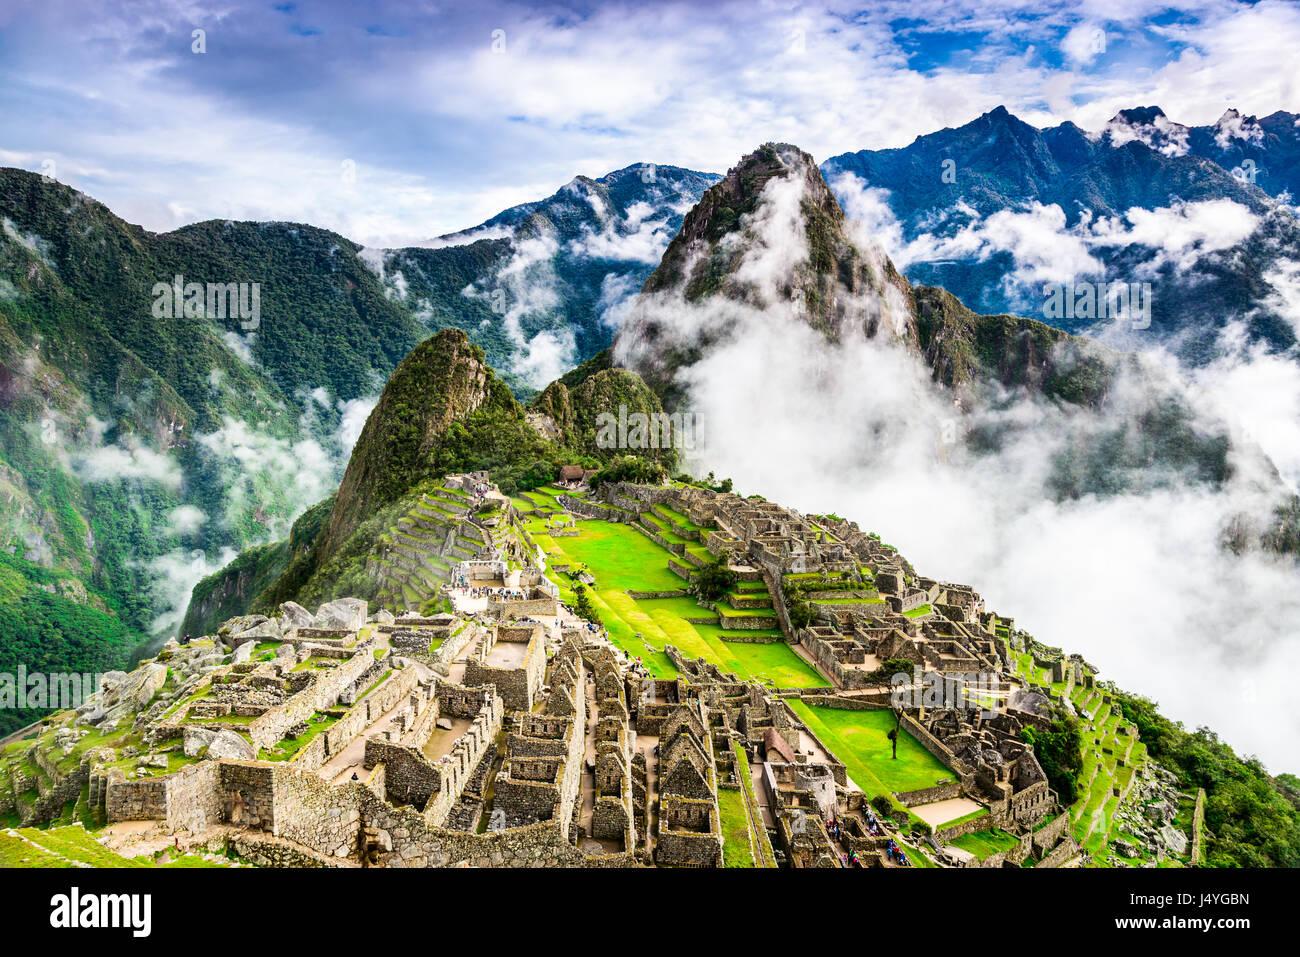 Machu Picchu, Peru - Ruins of Inca Empire city, in Cusco region, amazing place of South America. Stock Photo